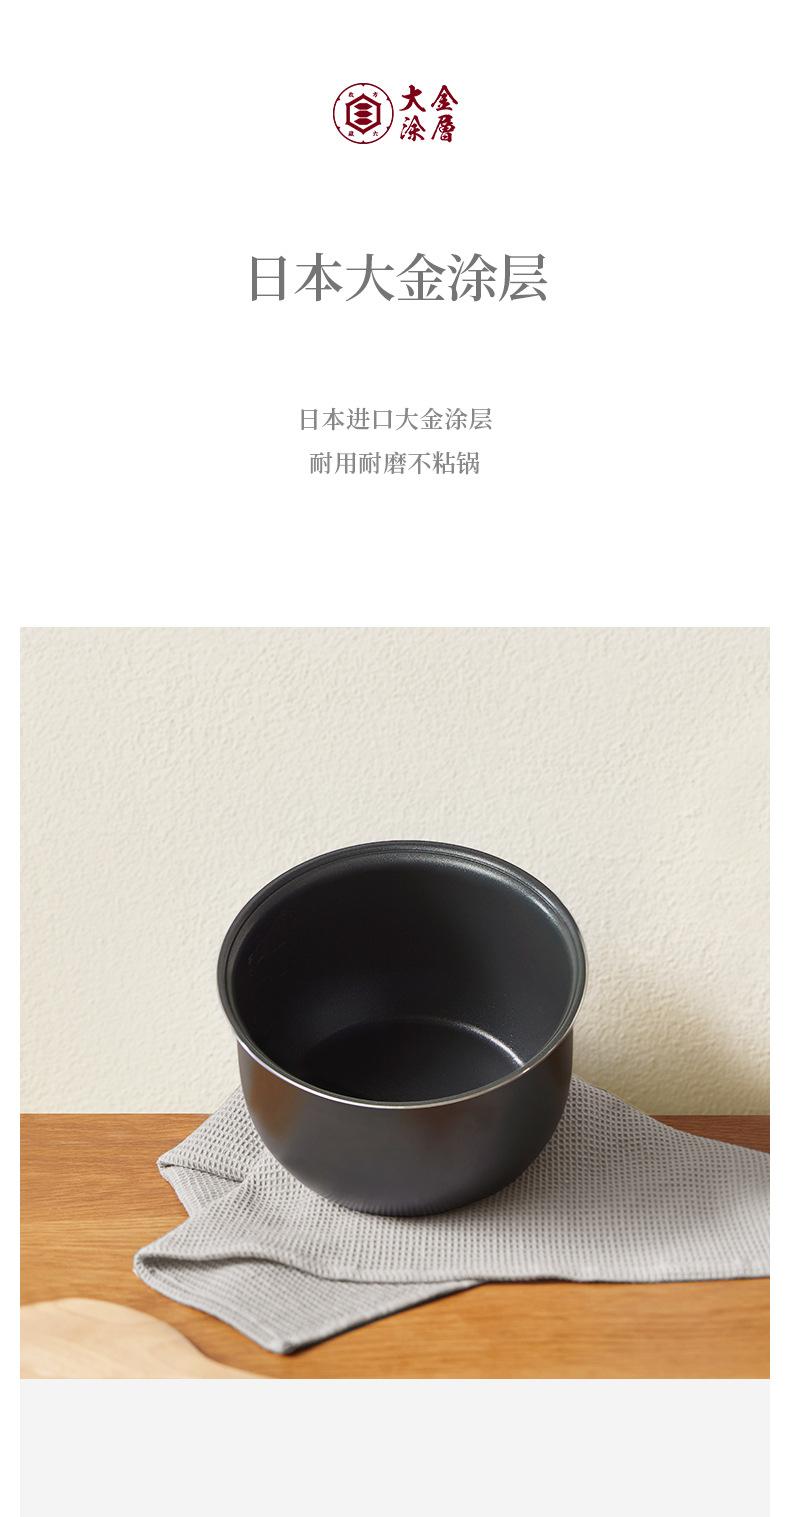 宝贝详情图12.jpg